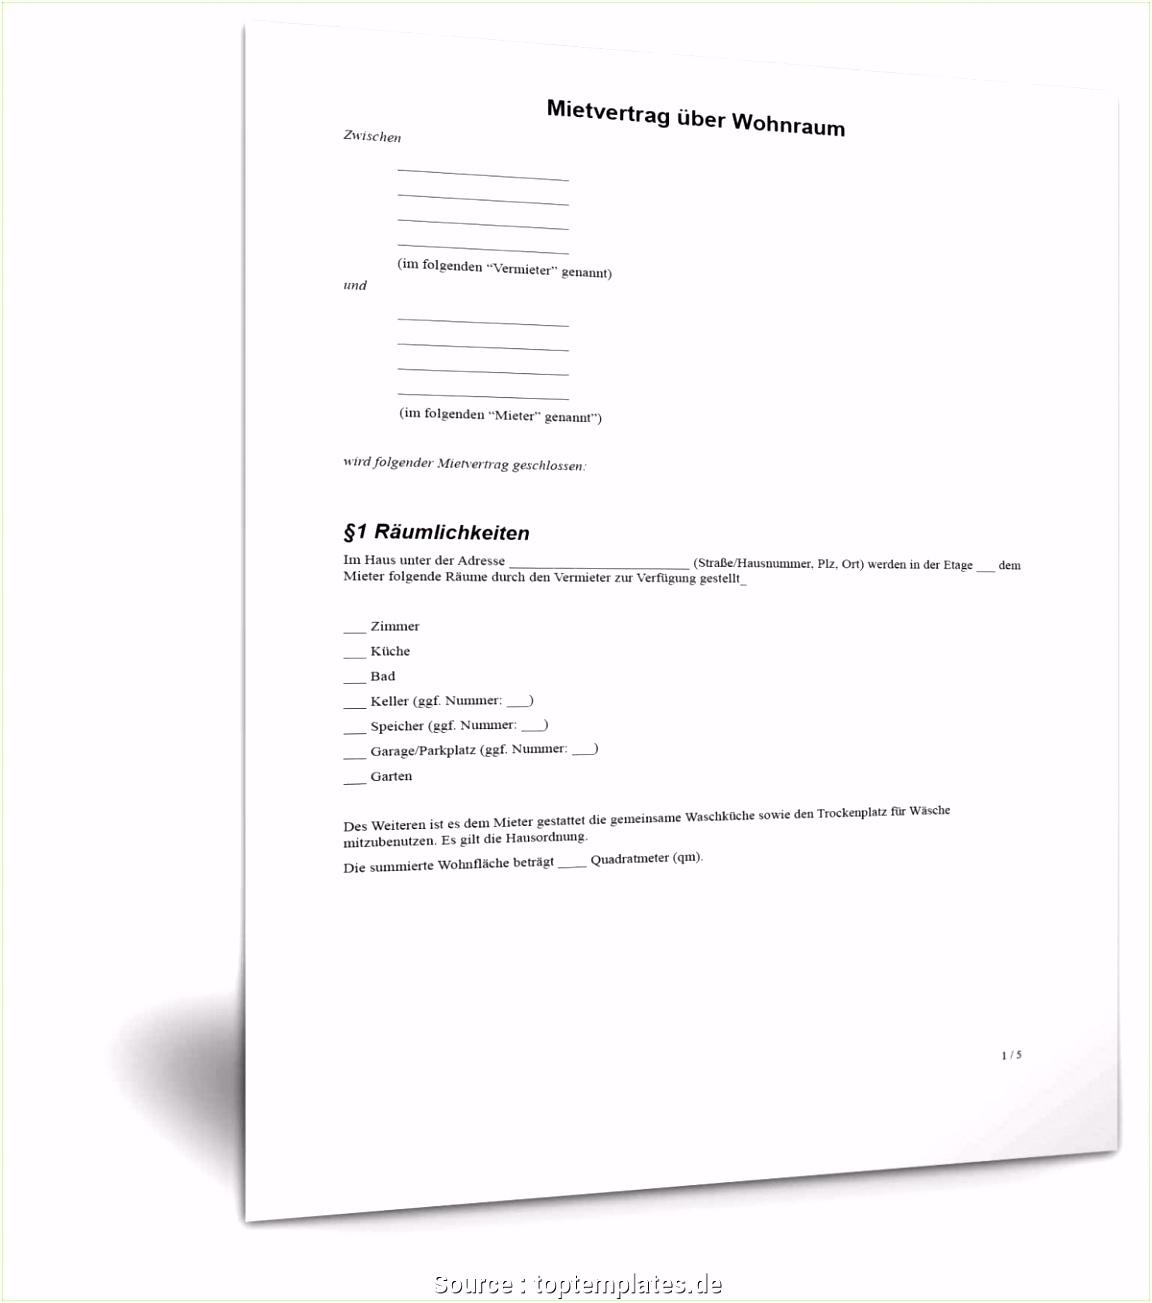 Vorlage Kundigung Wohnung Wegen Eigenbedarf Briliant Kündigung Mietvertrag Vorlage Durch Vermieter Kündigung O3tq79cki9 Jmicu0rkzh